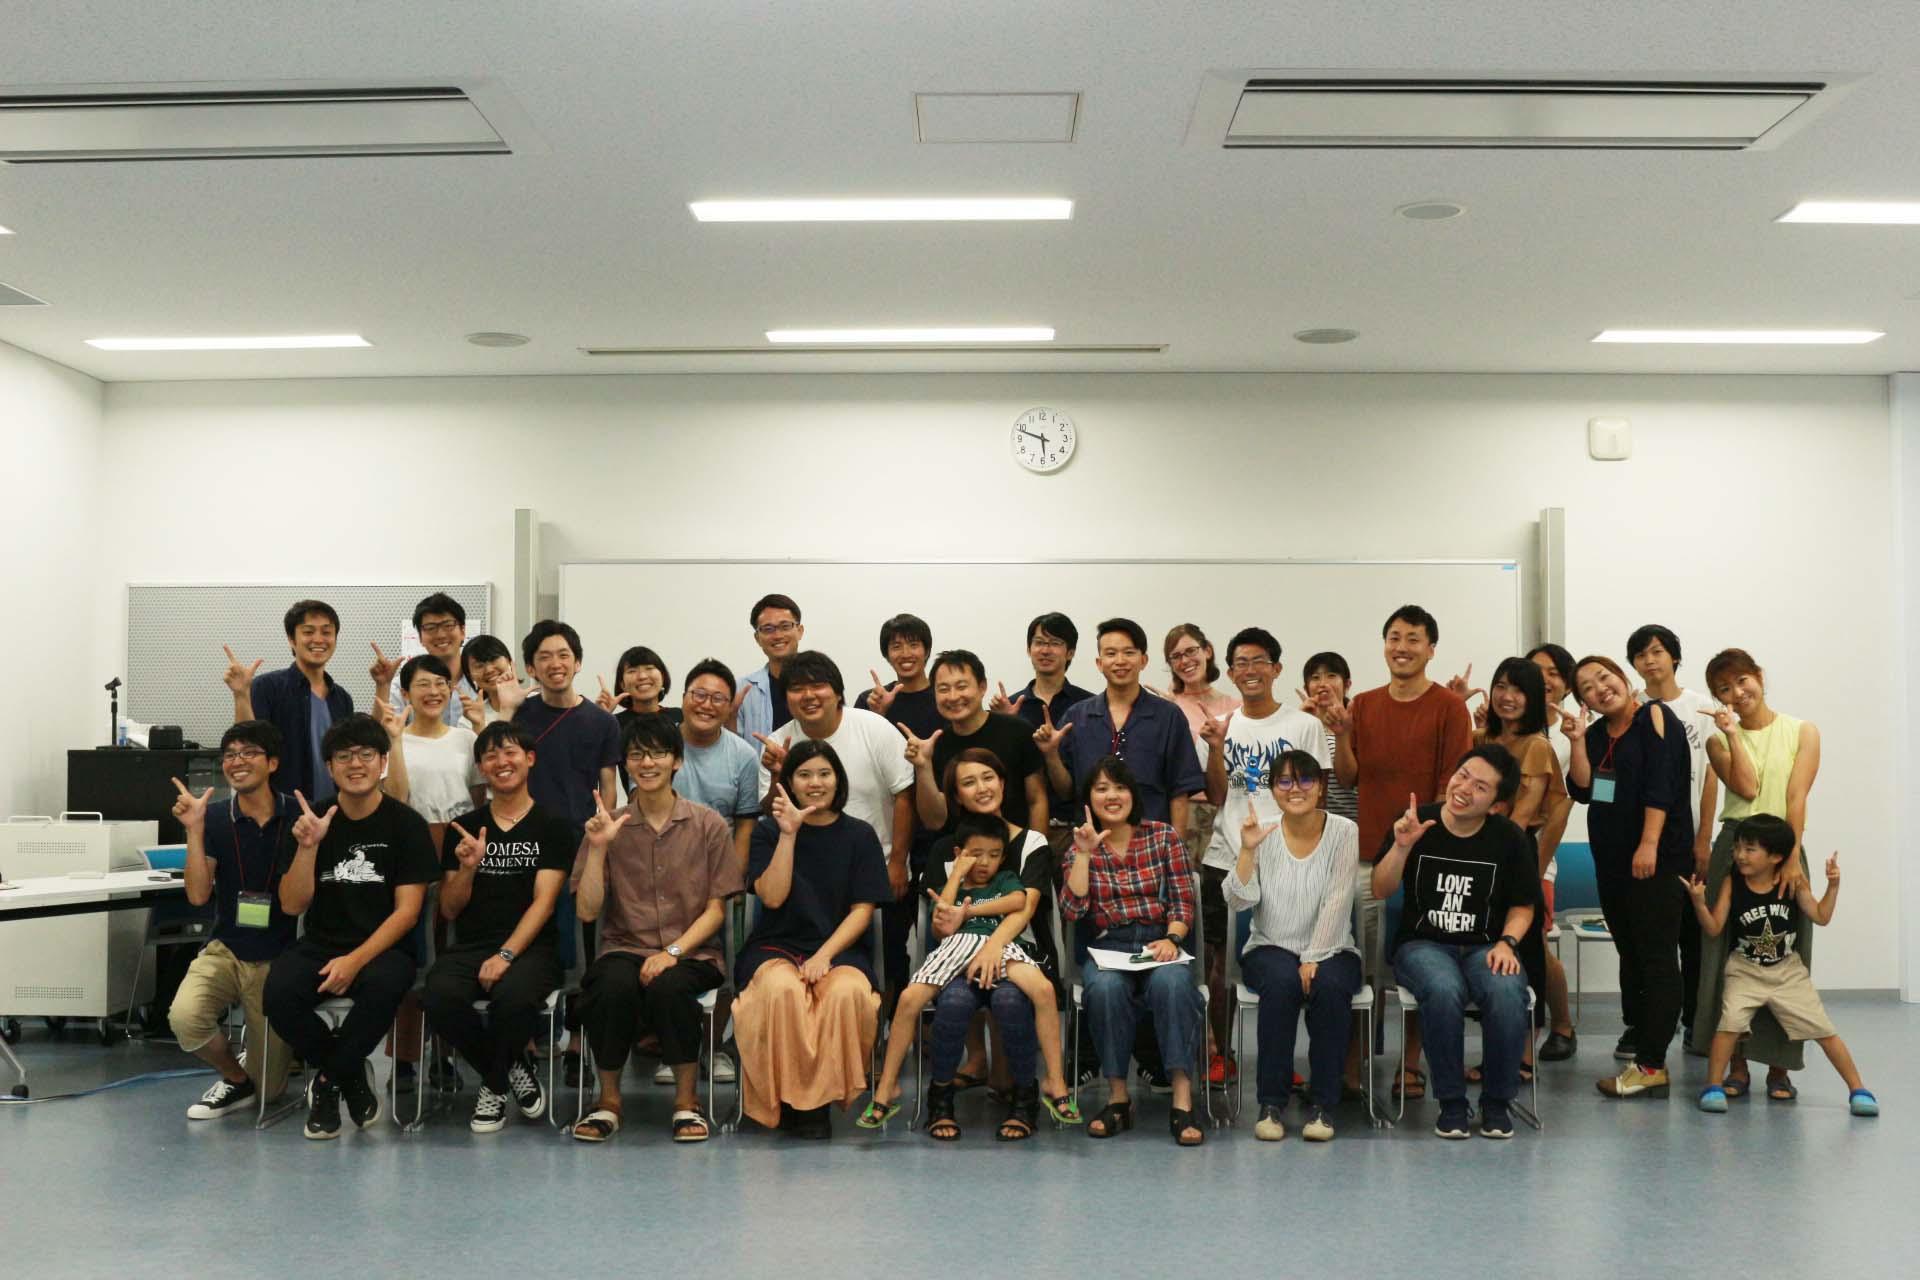 ぬま大学第5期 vol.4